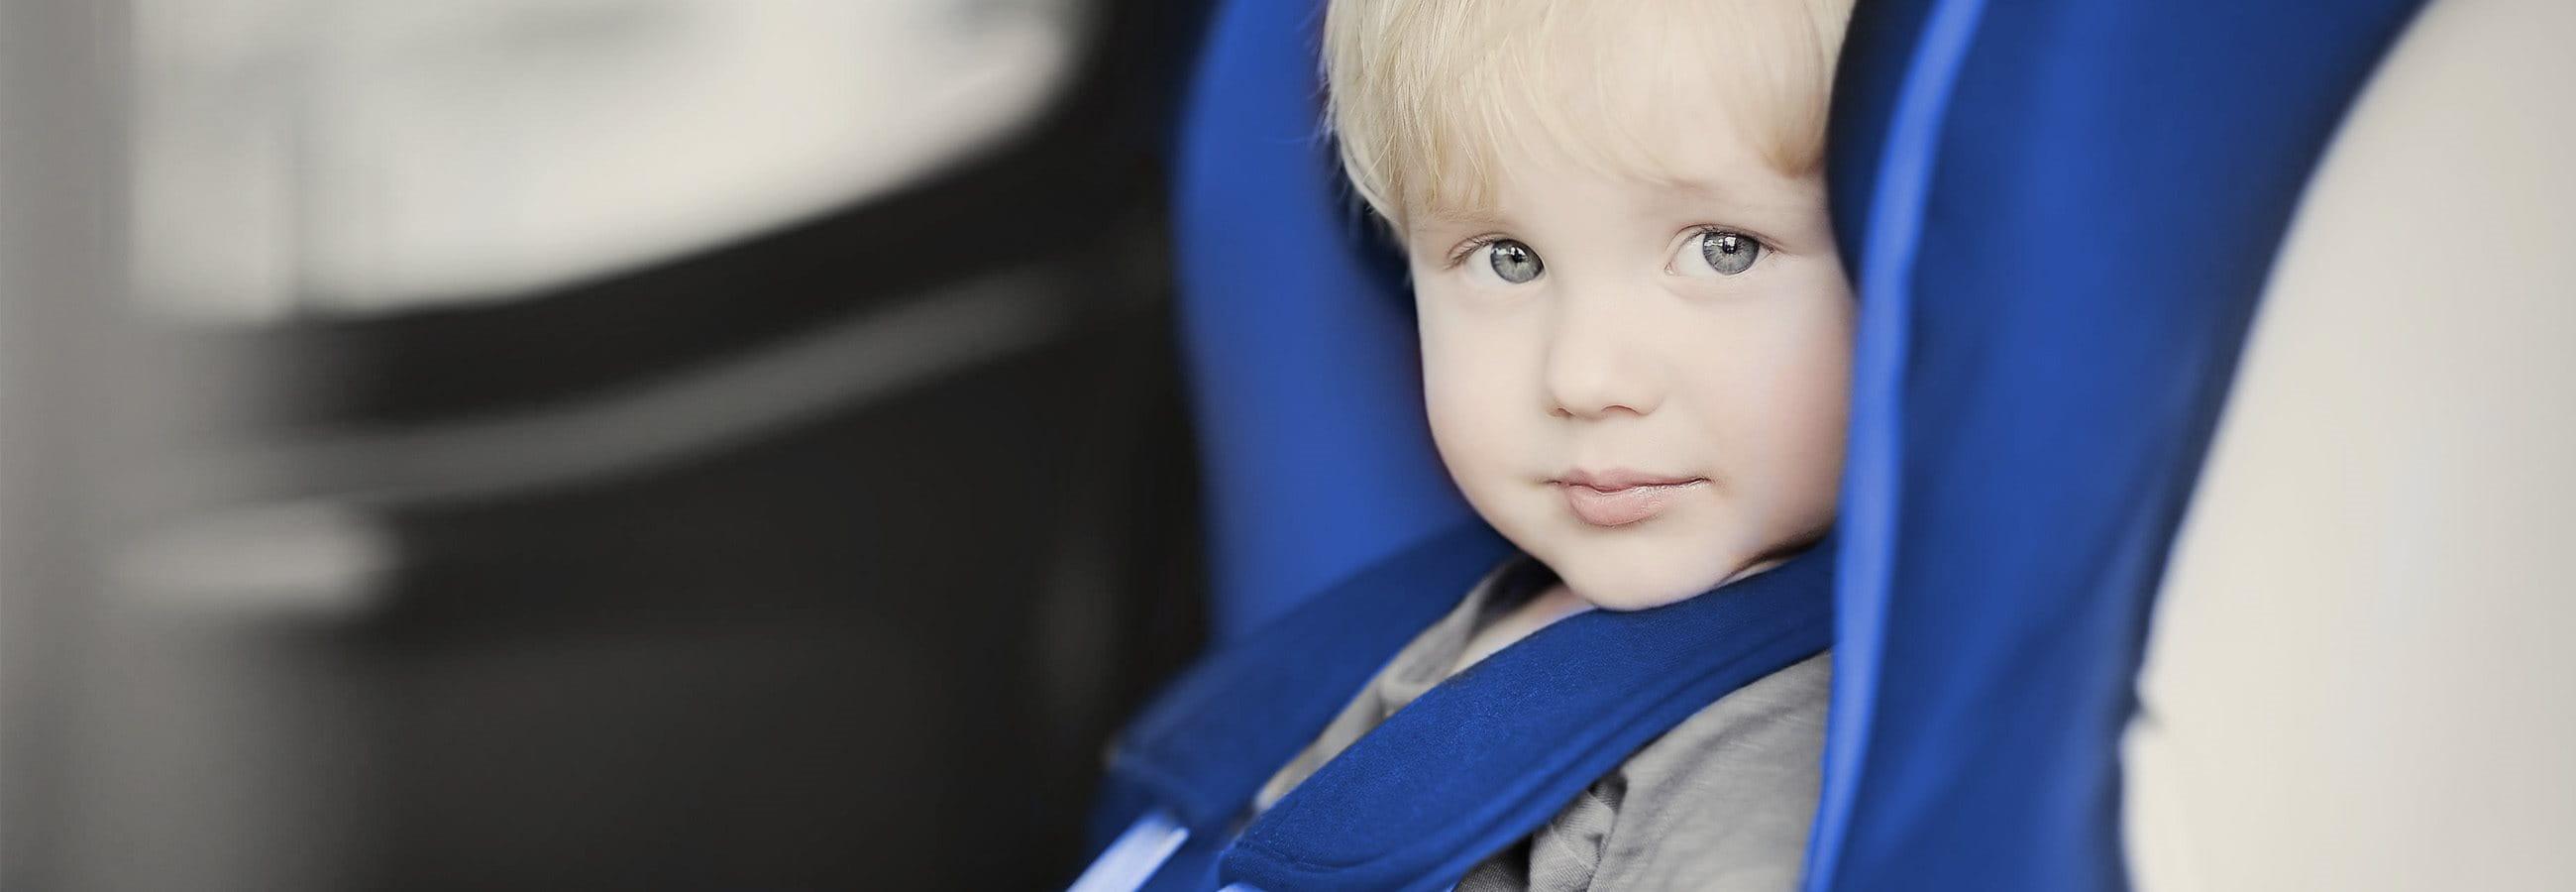 Enfant dans la voiture